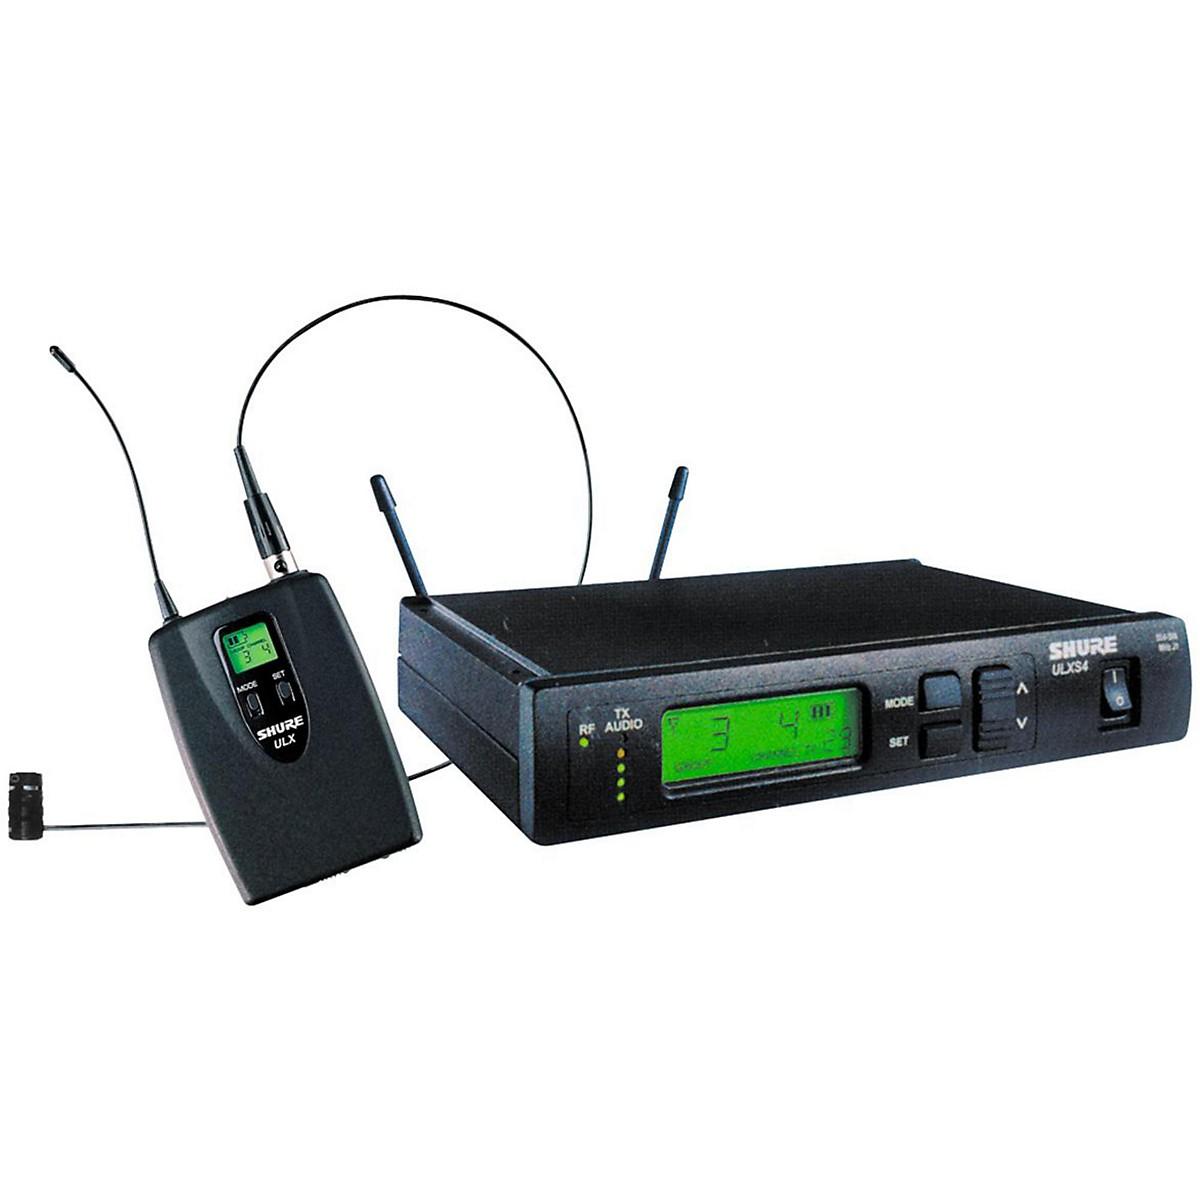 Shure ULXS14/85 Lavalier Wireless System